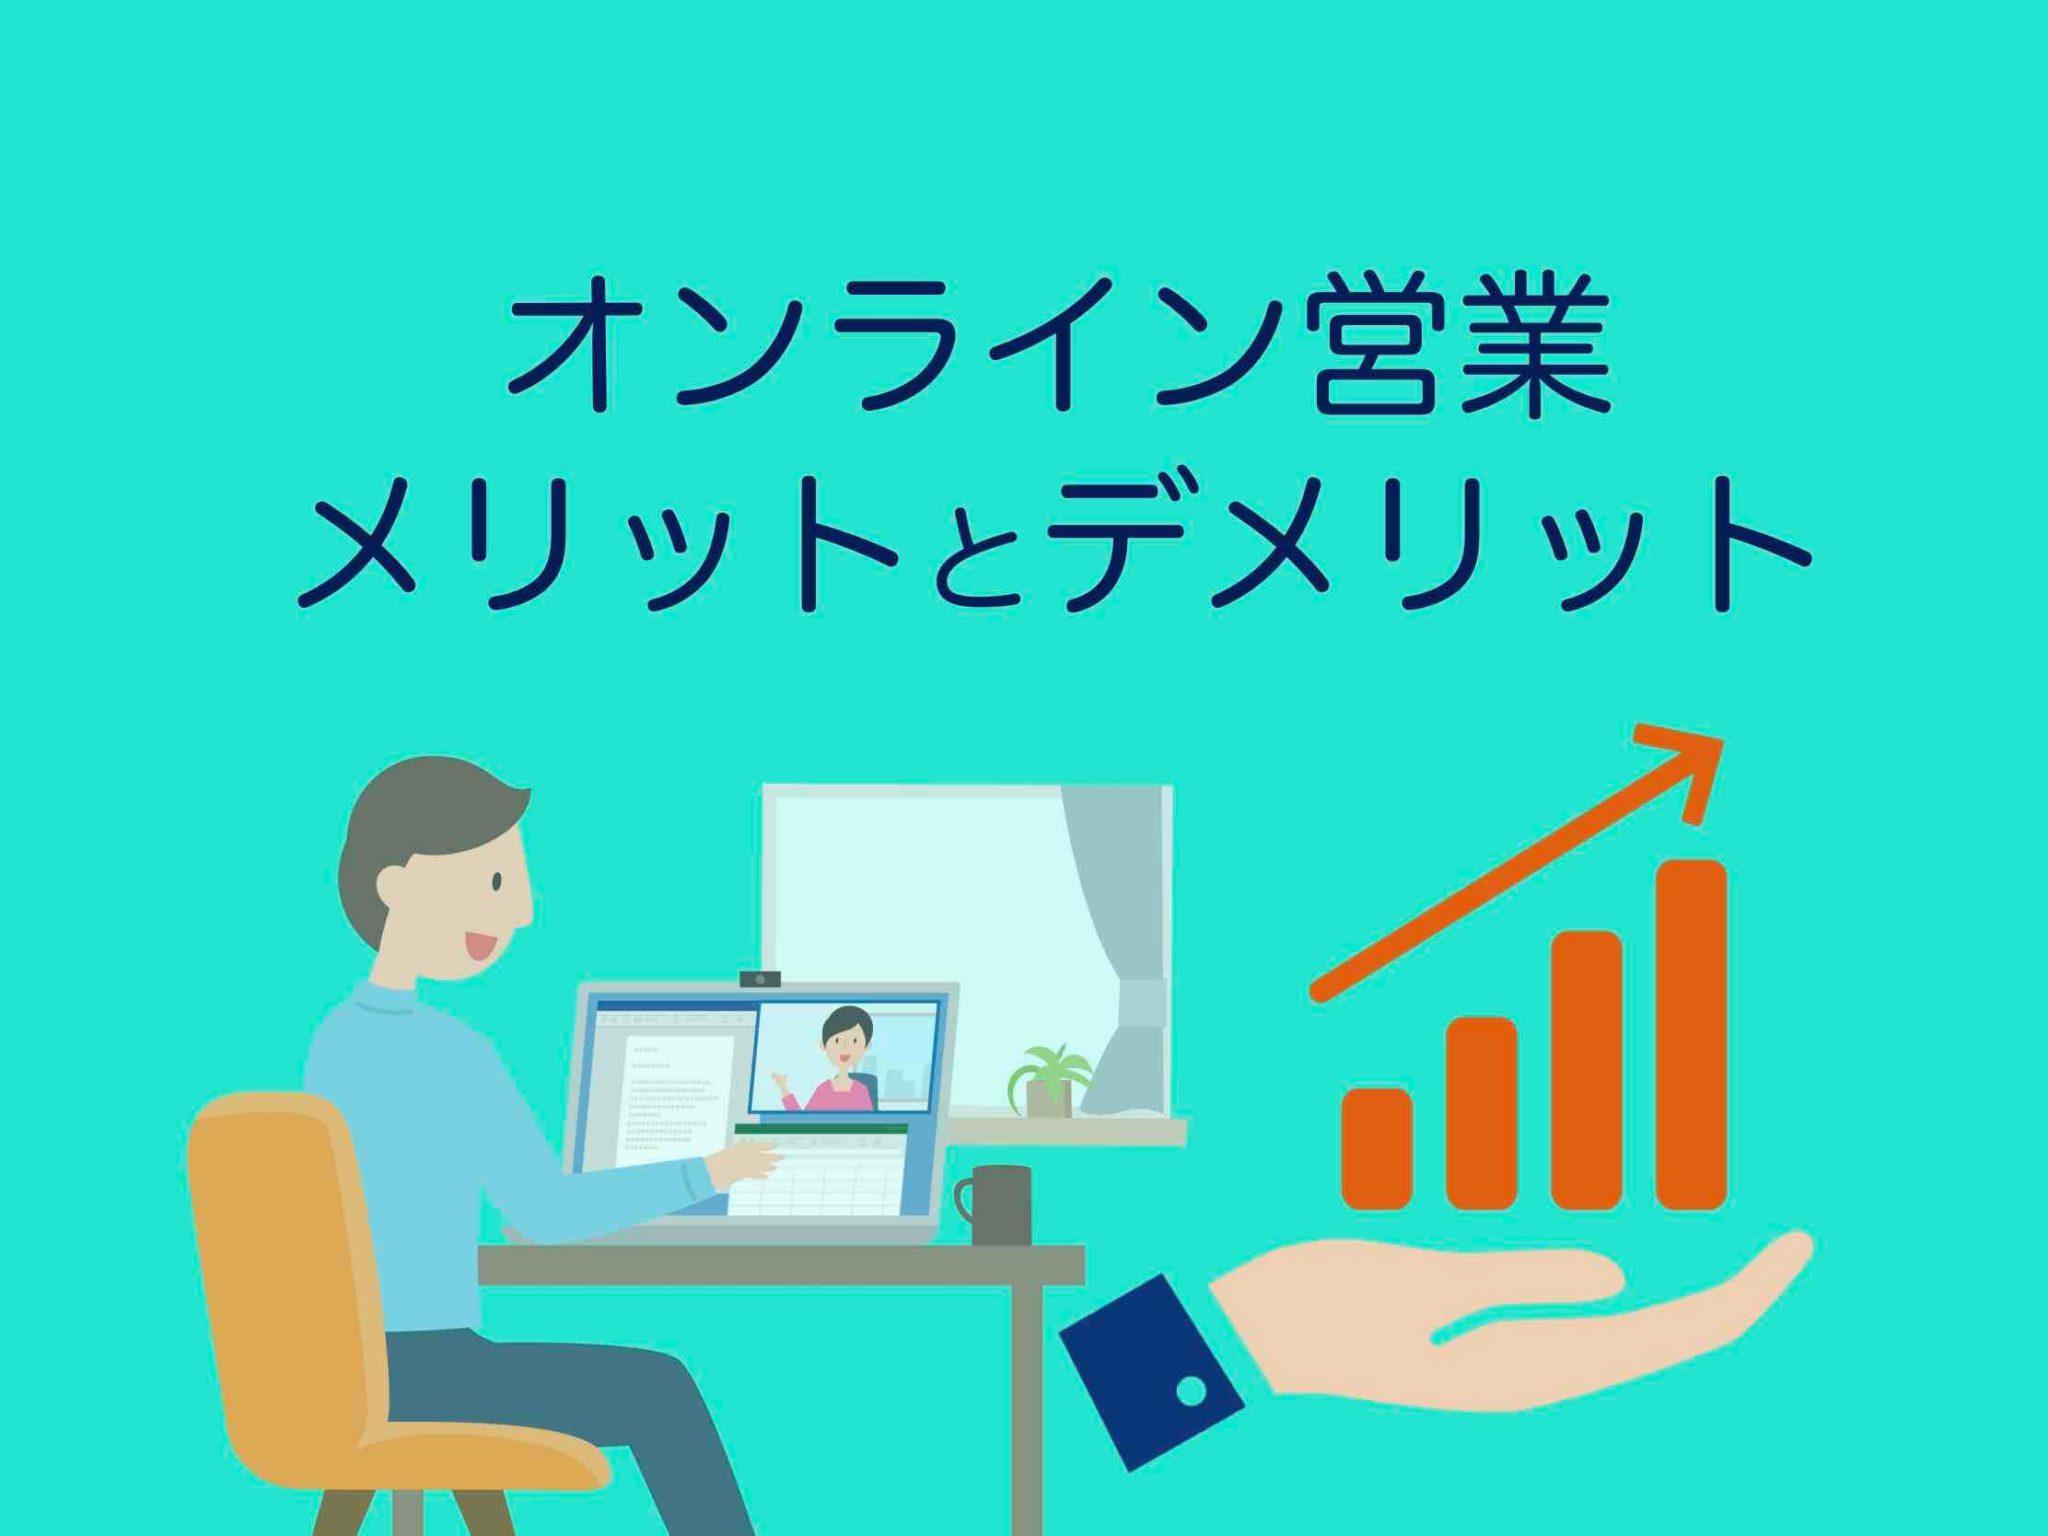 オンライン営業のメリットとデメリット